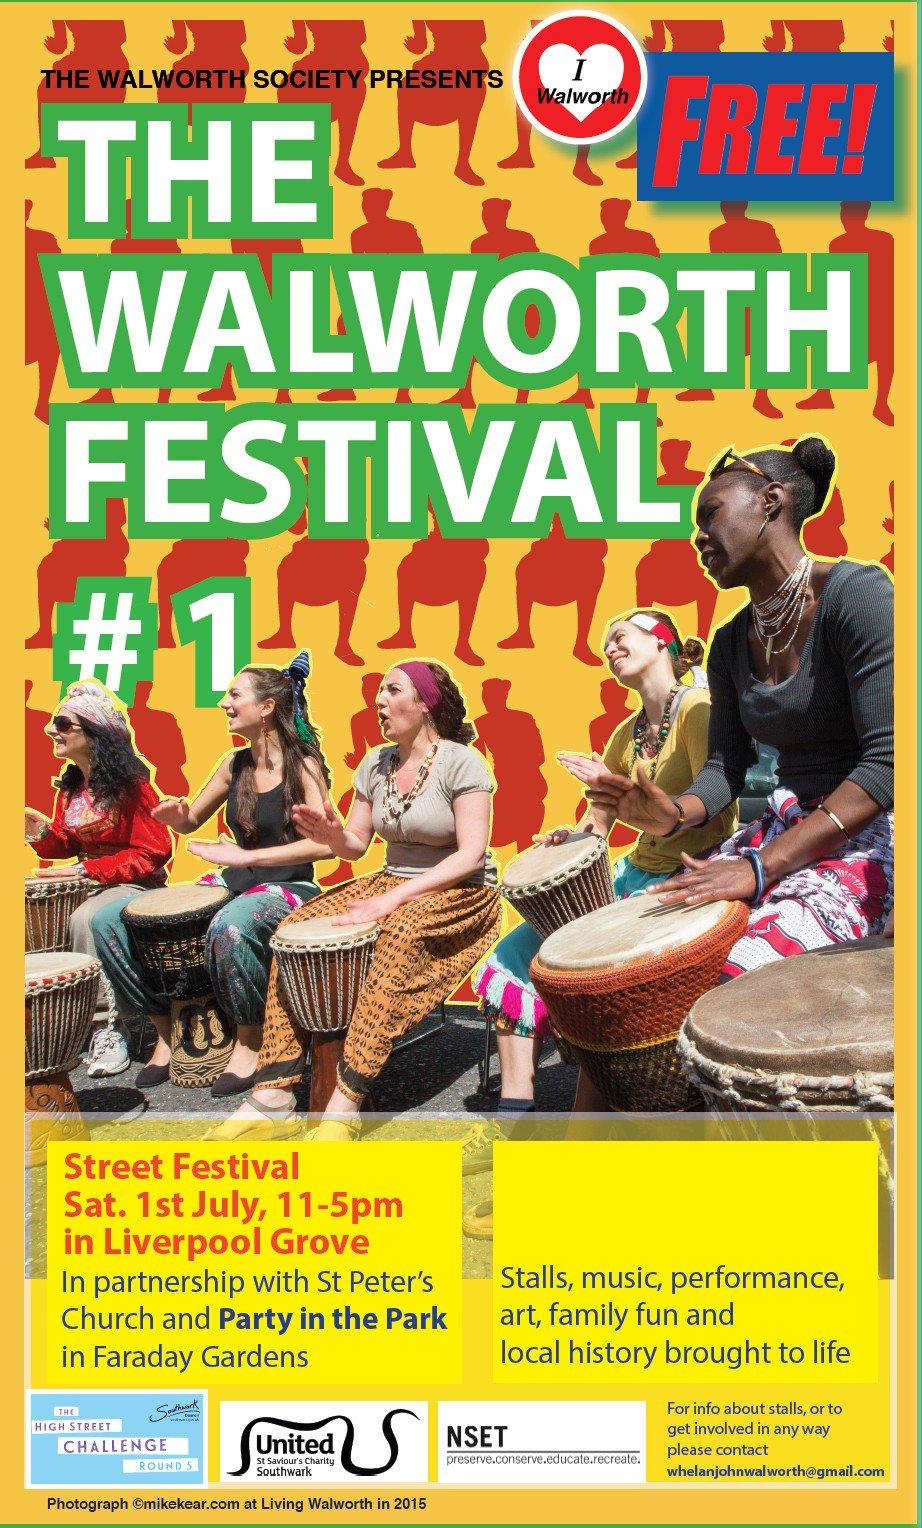 Walworth_Festival_1st.jpg